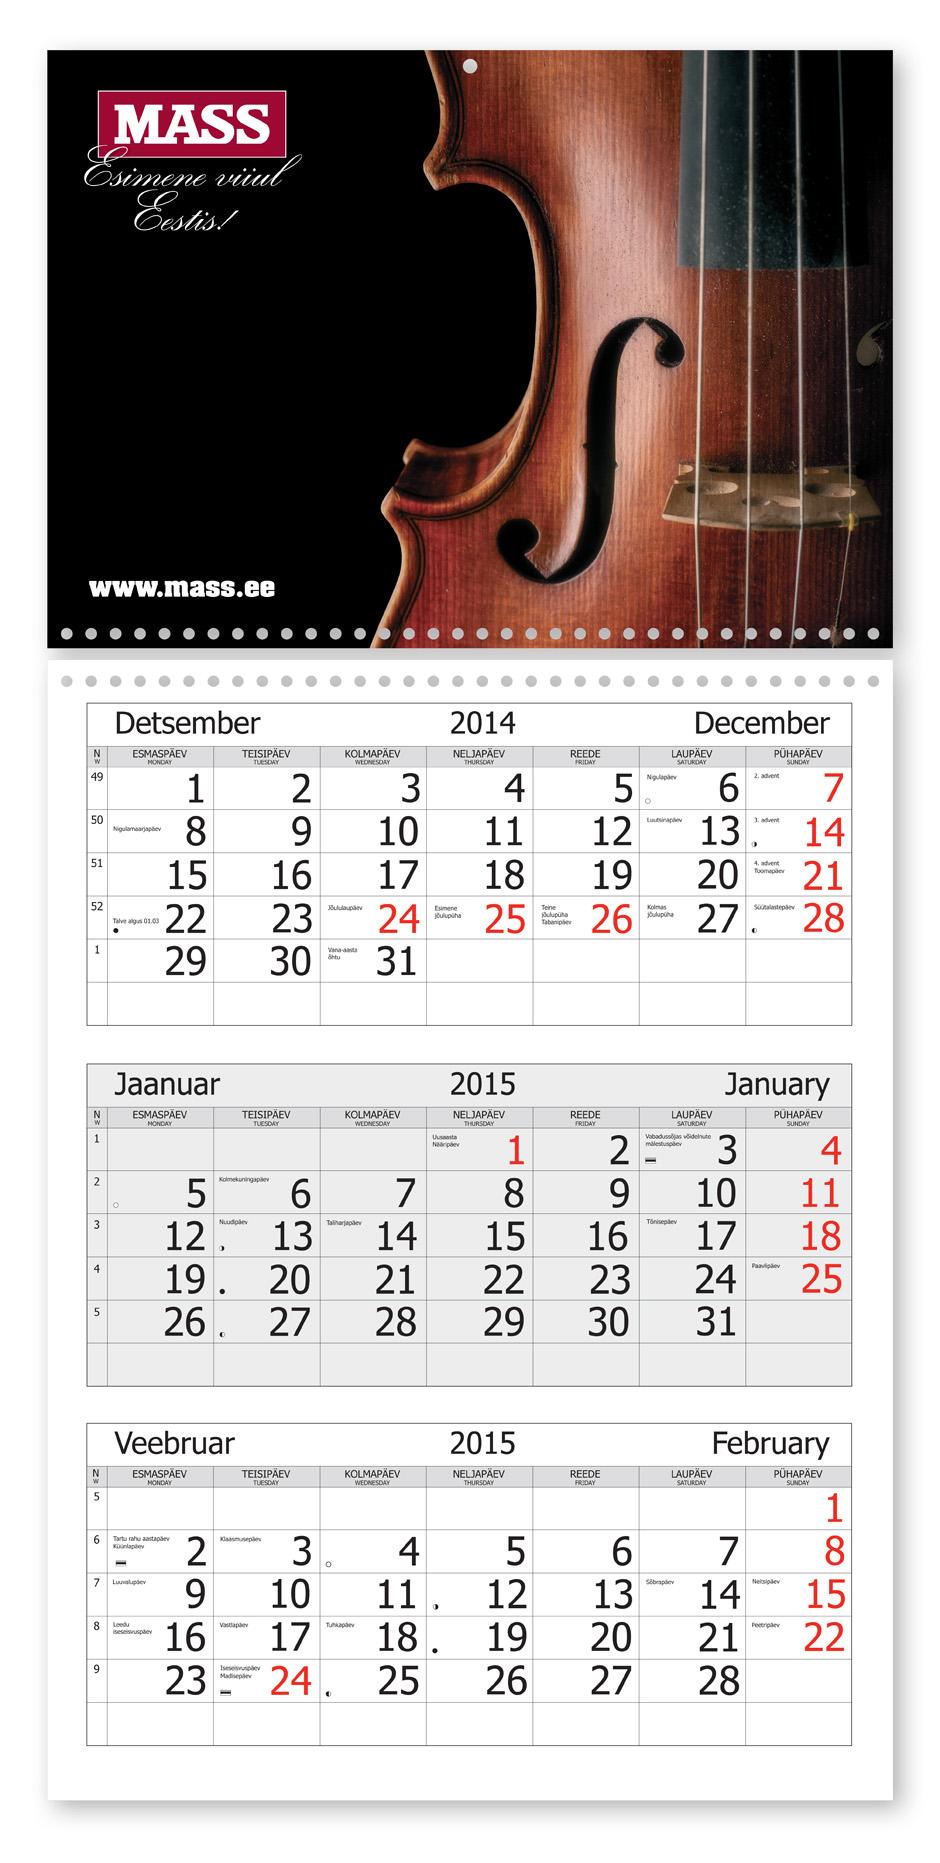 Mass_kalender_2015_kodukas